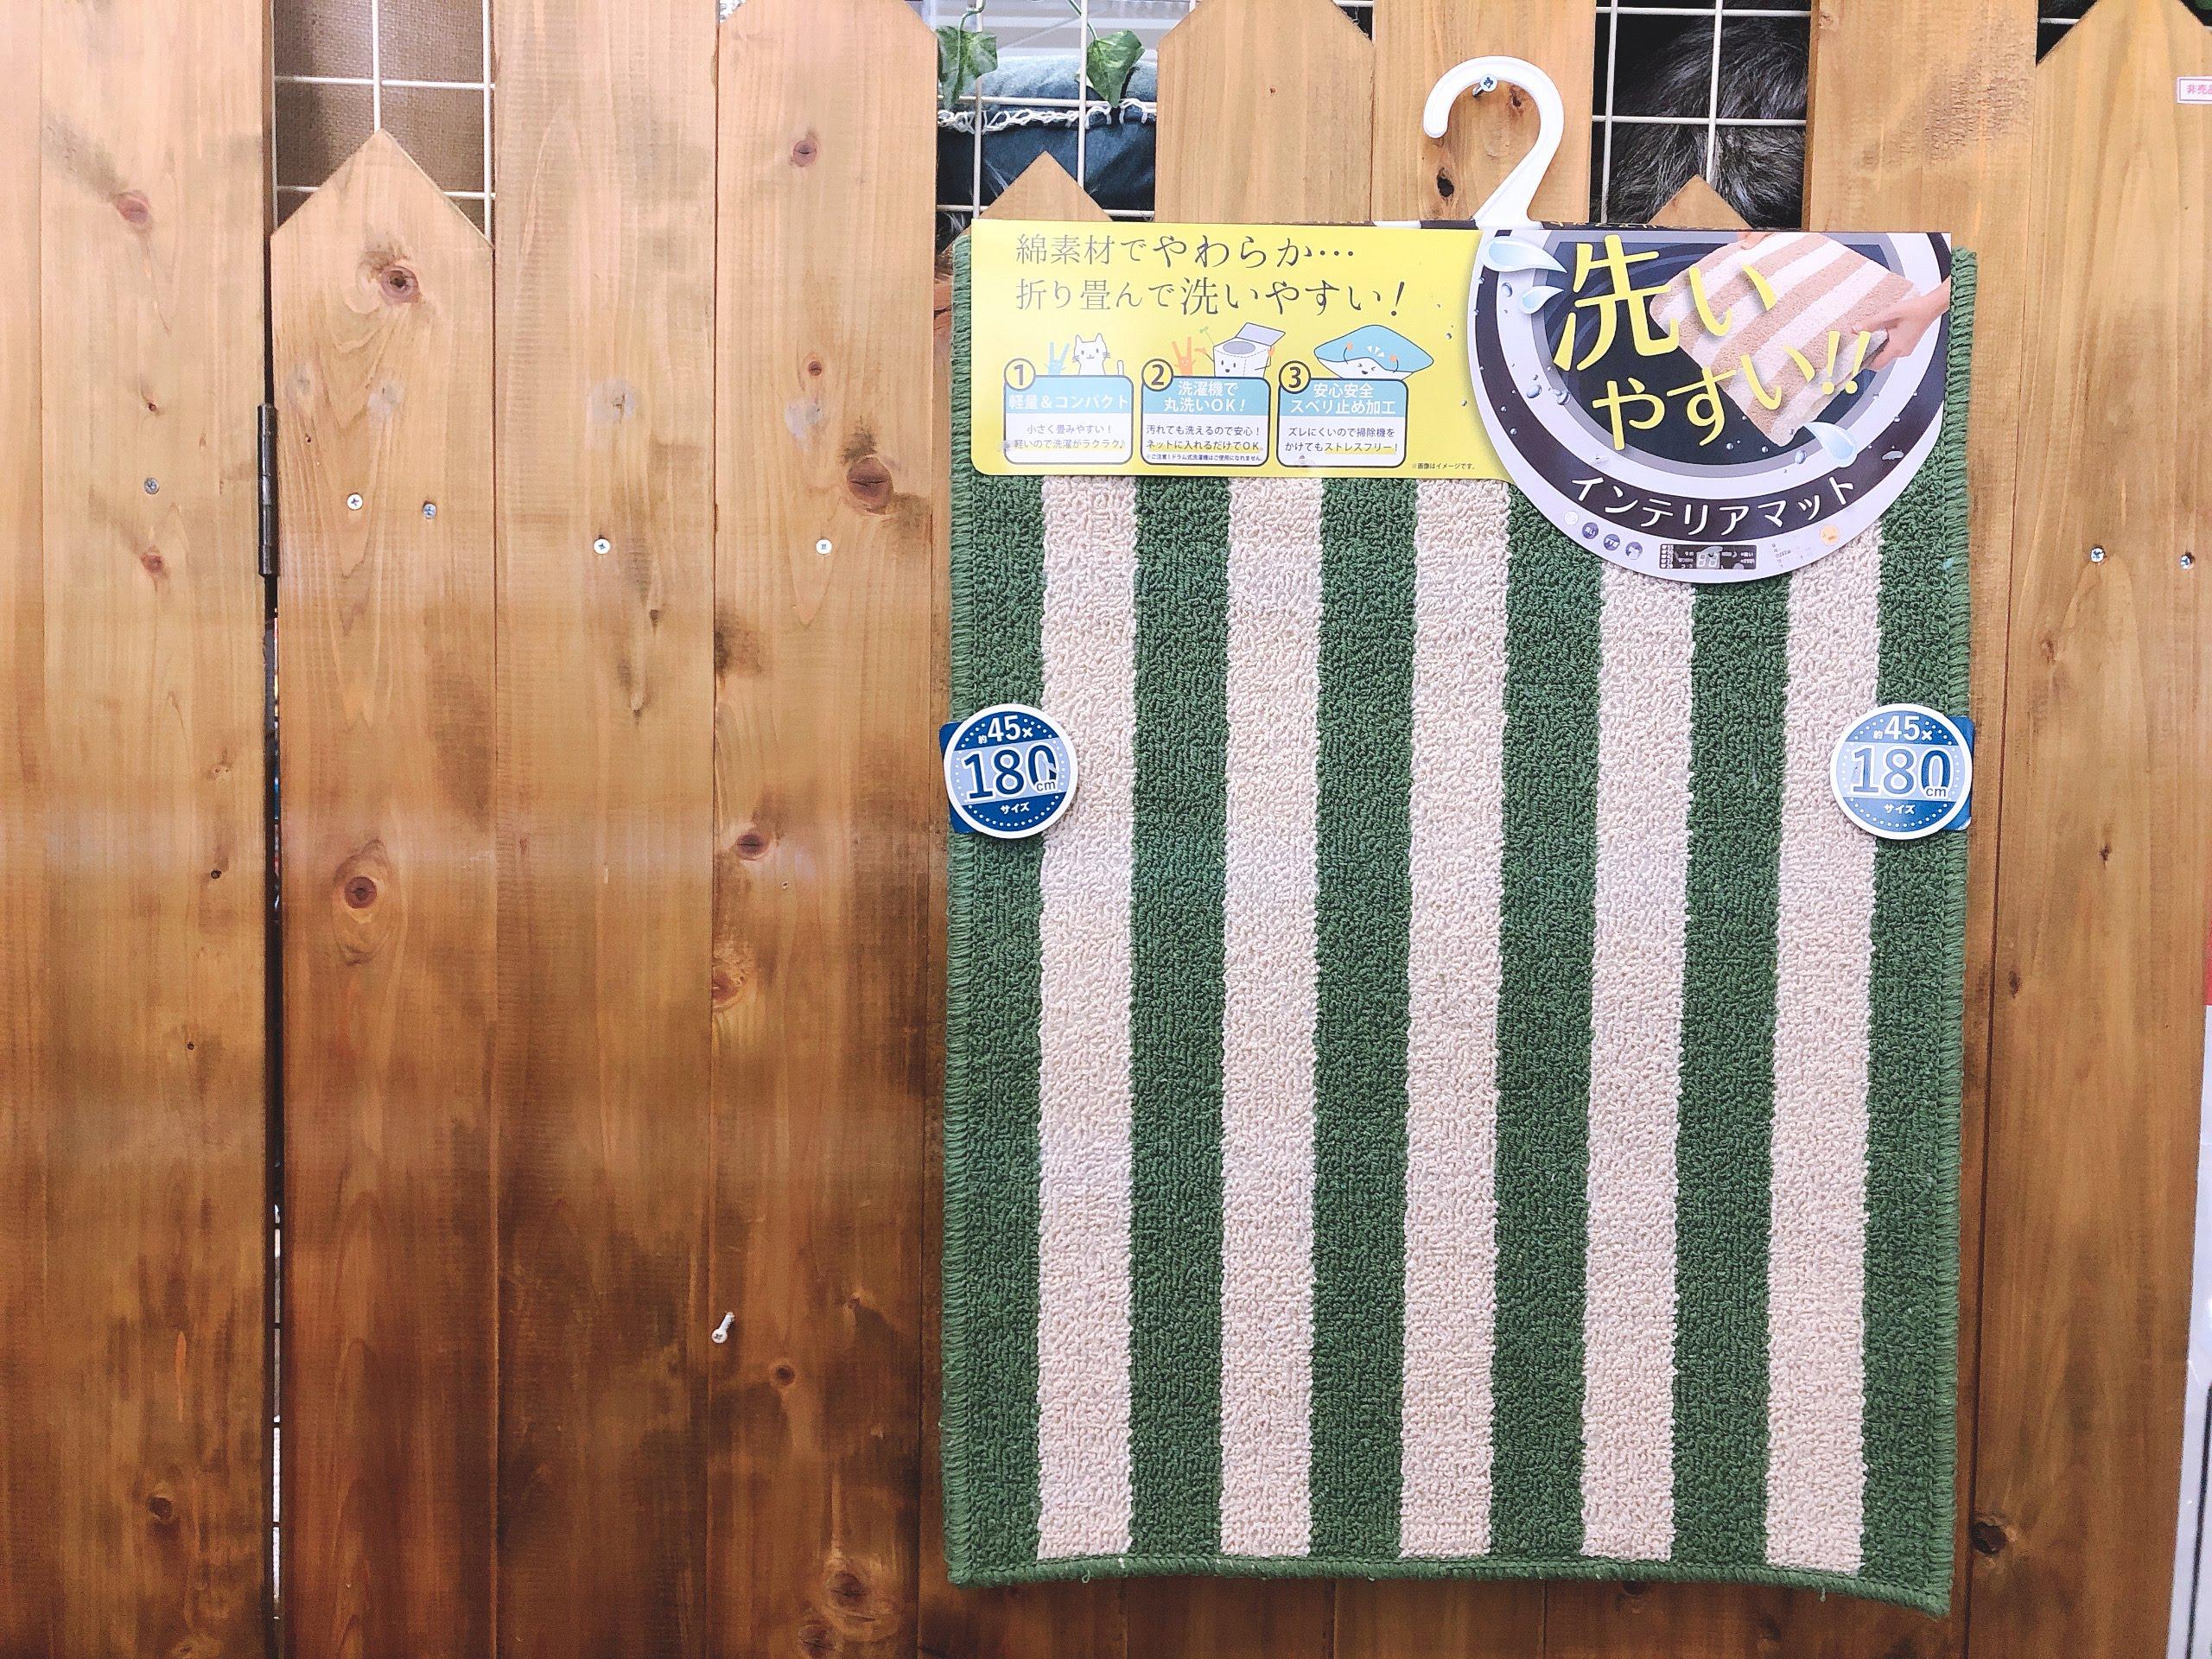 180㎝綿素材インテリアマット・キッチンマット アウトレット特価の画像2